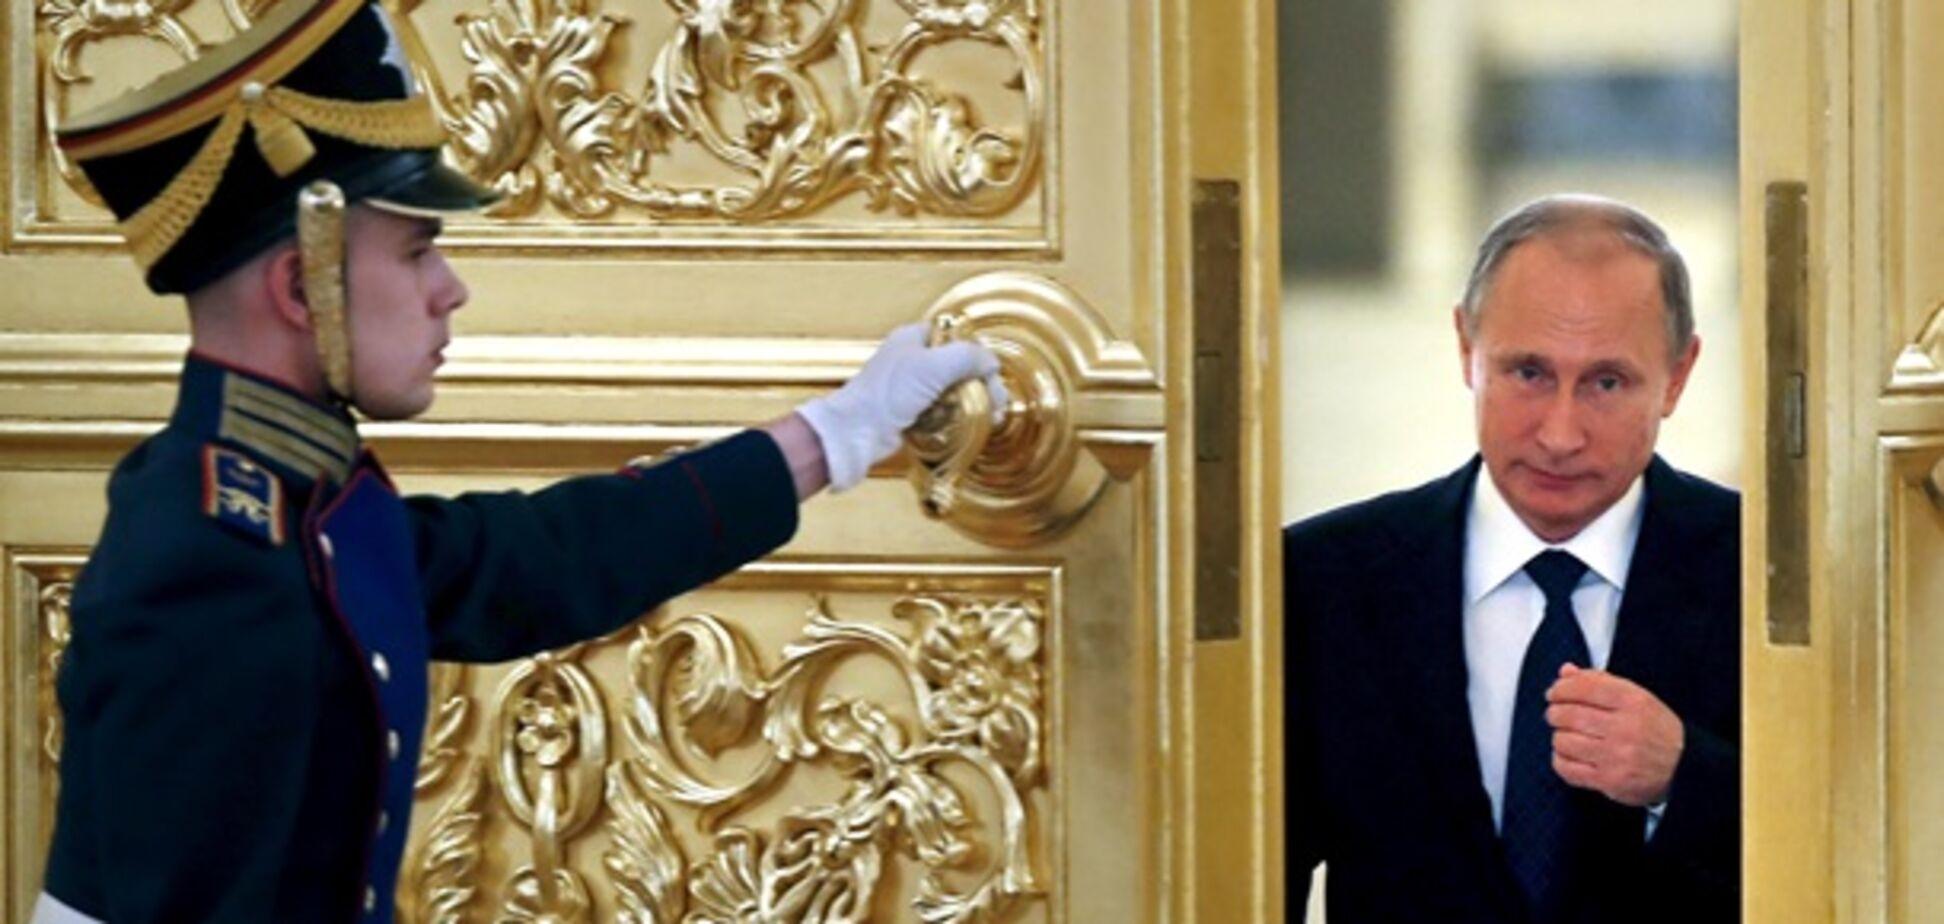 Зменшити Україну до 9 областей: в РФ пояснили 'шумовий ефект' Путіна